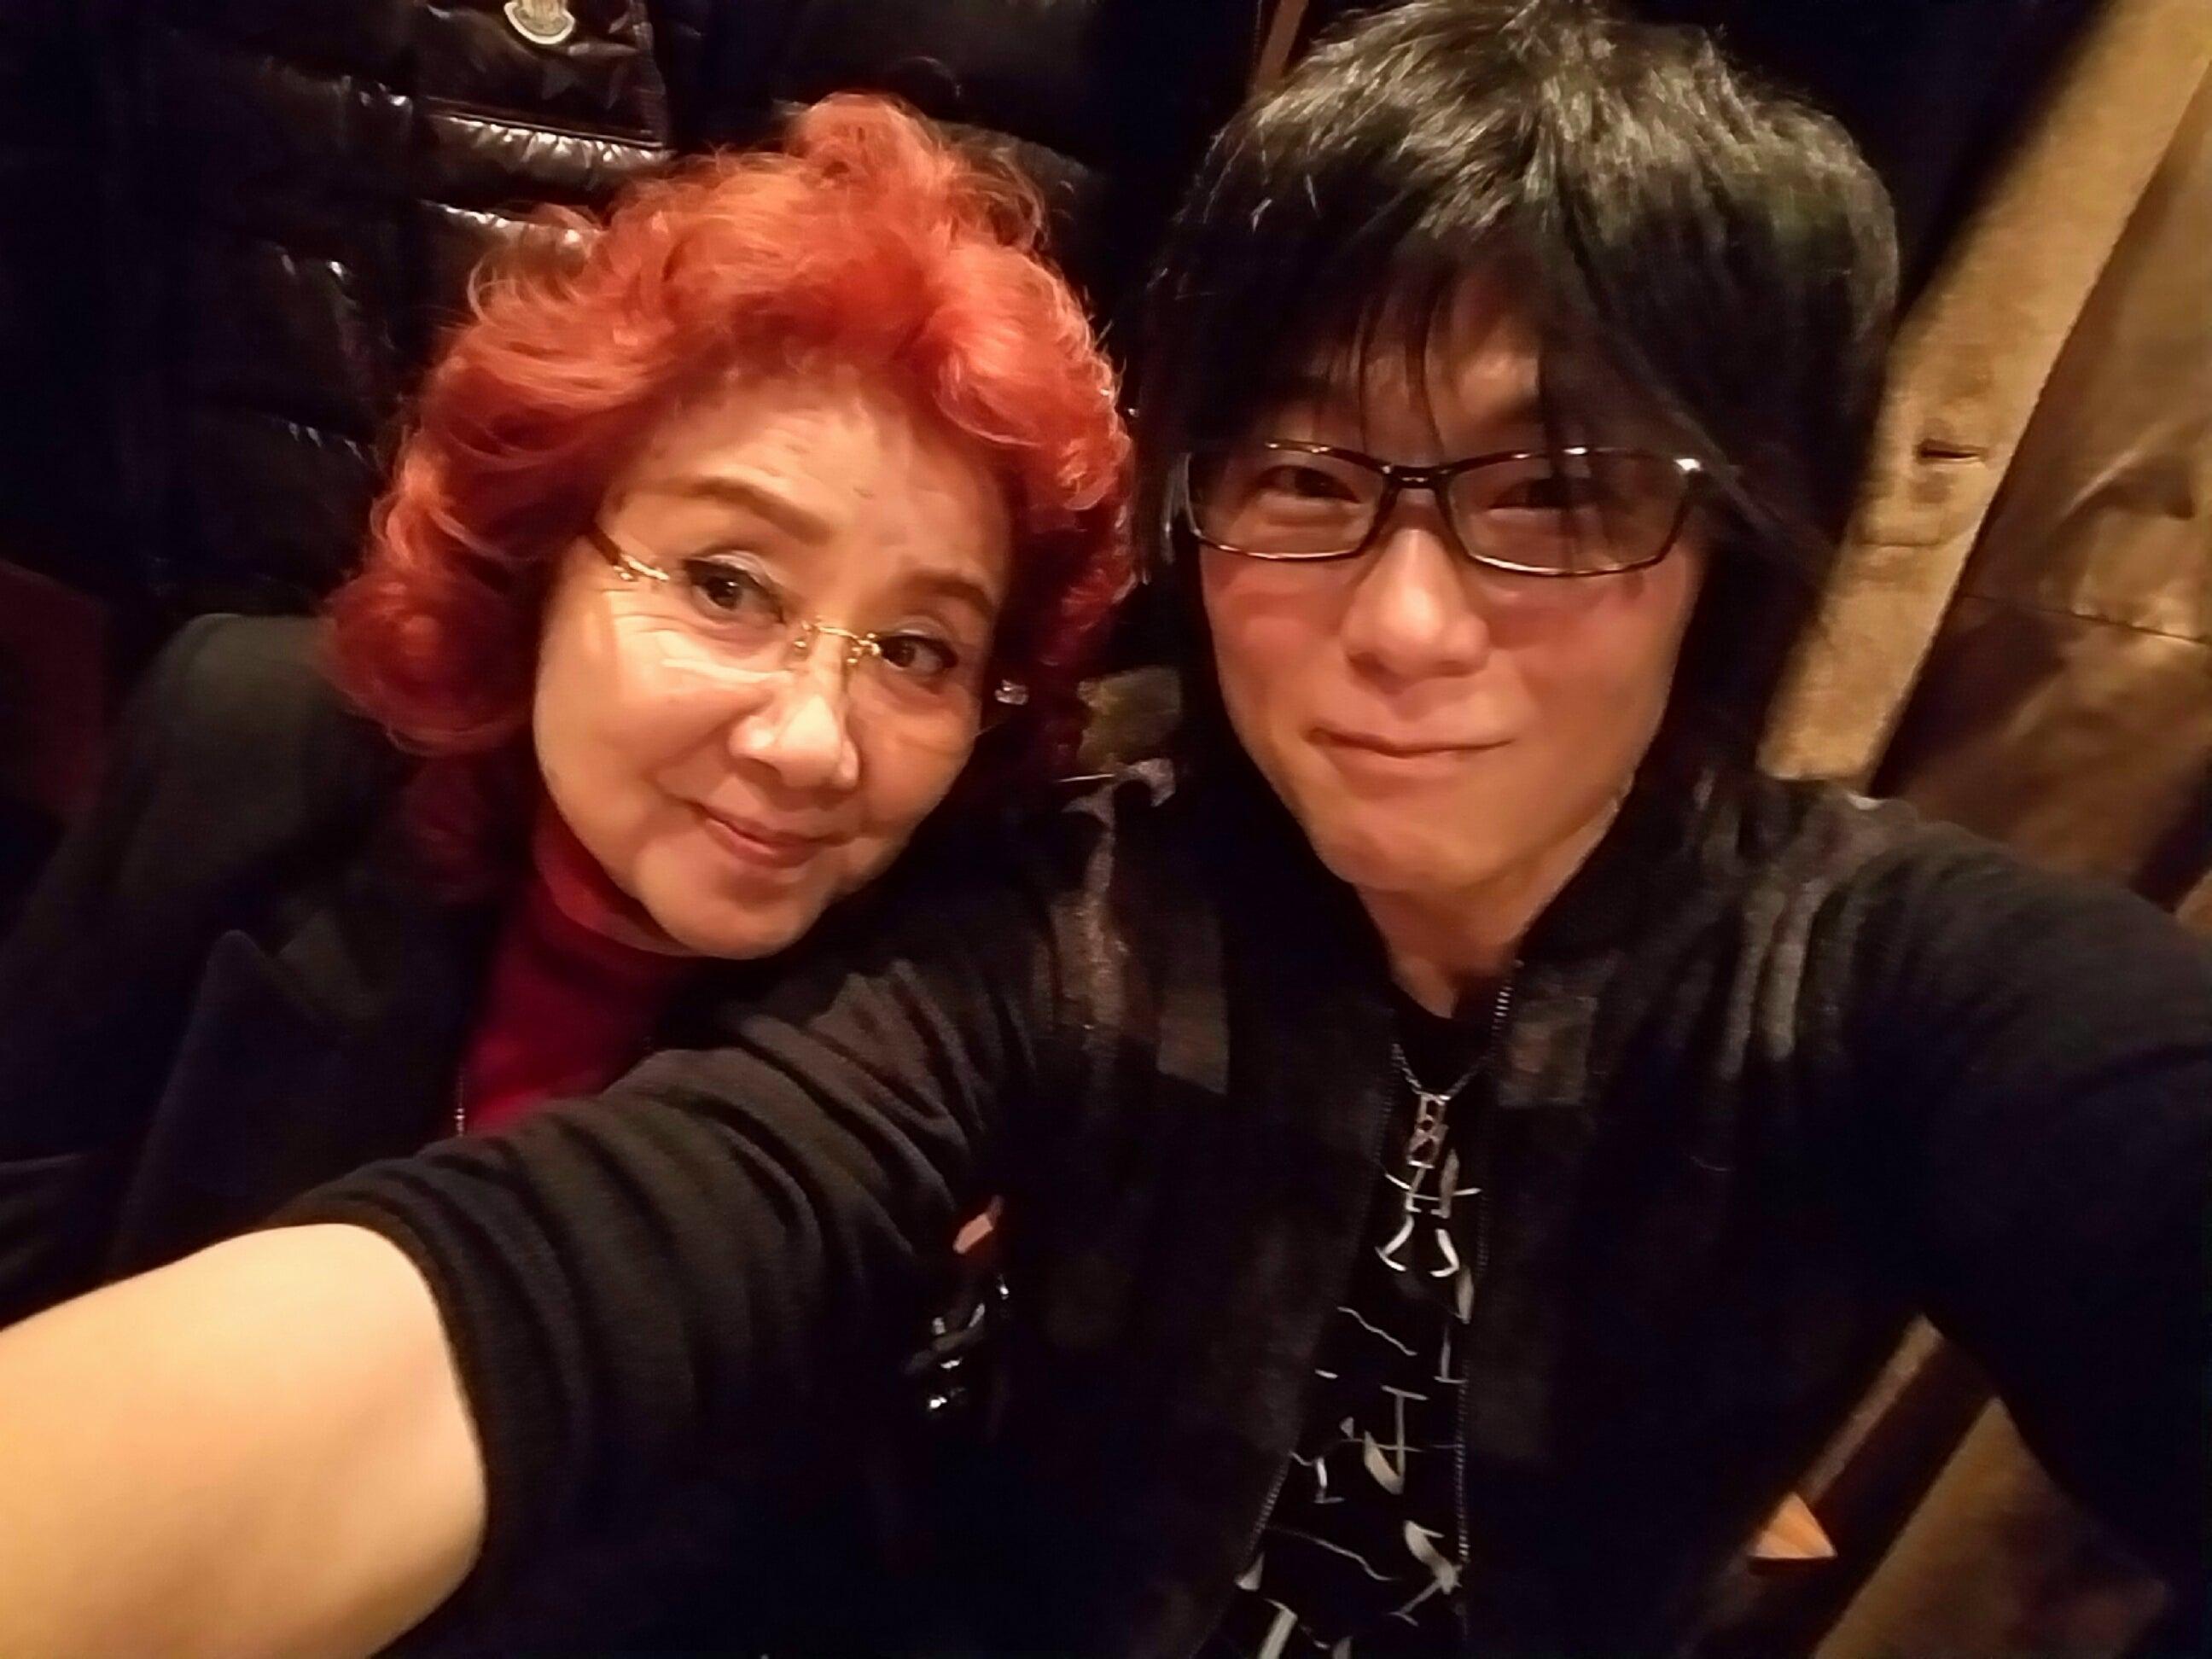 野沢雅子さんおめでとうございます! 森川智之オフィシャルブログ Powered by Ameba